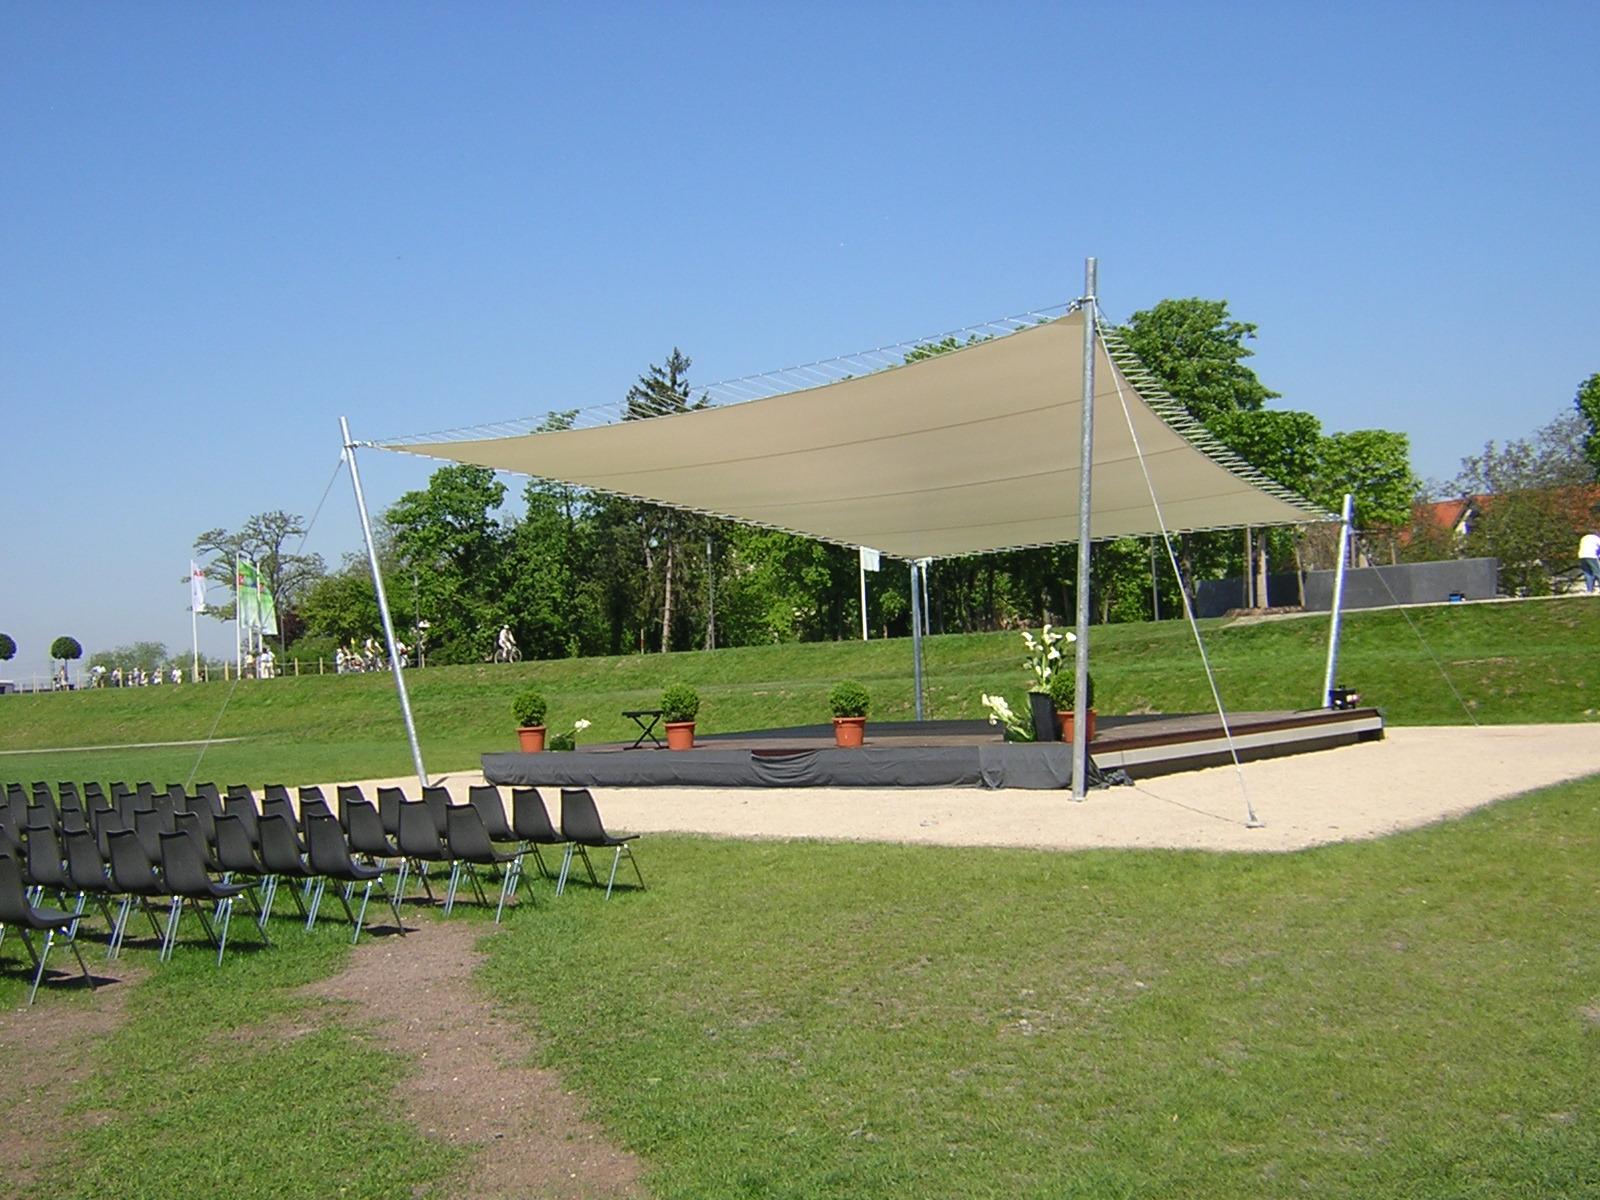 Sonnensegel nach Maß von Planex Technik in Textil GmbH für eine Freilichtbühne